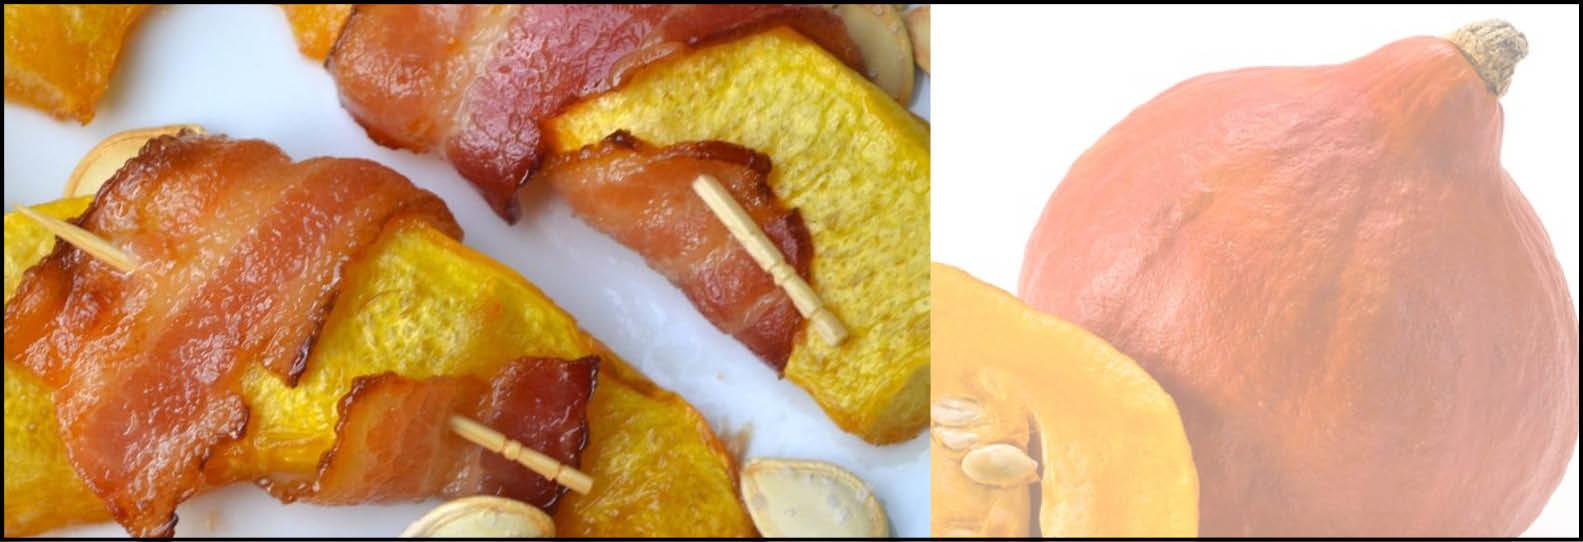 Pompoen snack met bacon